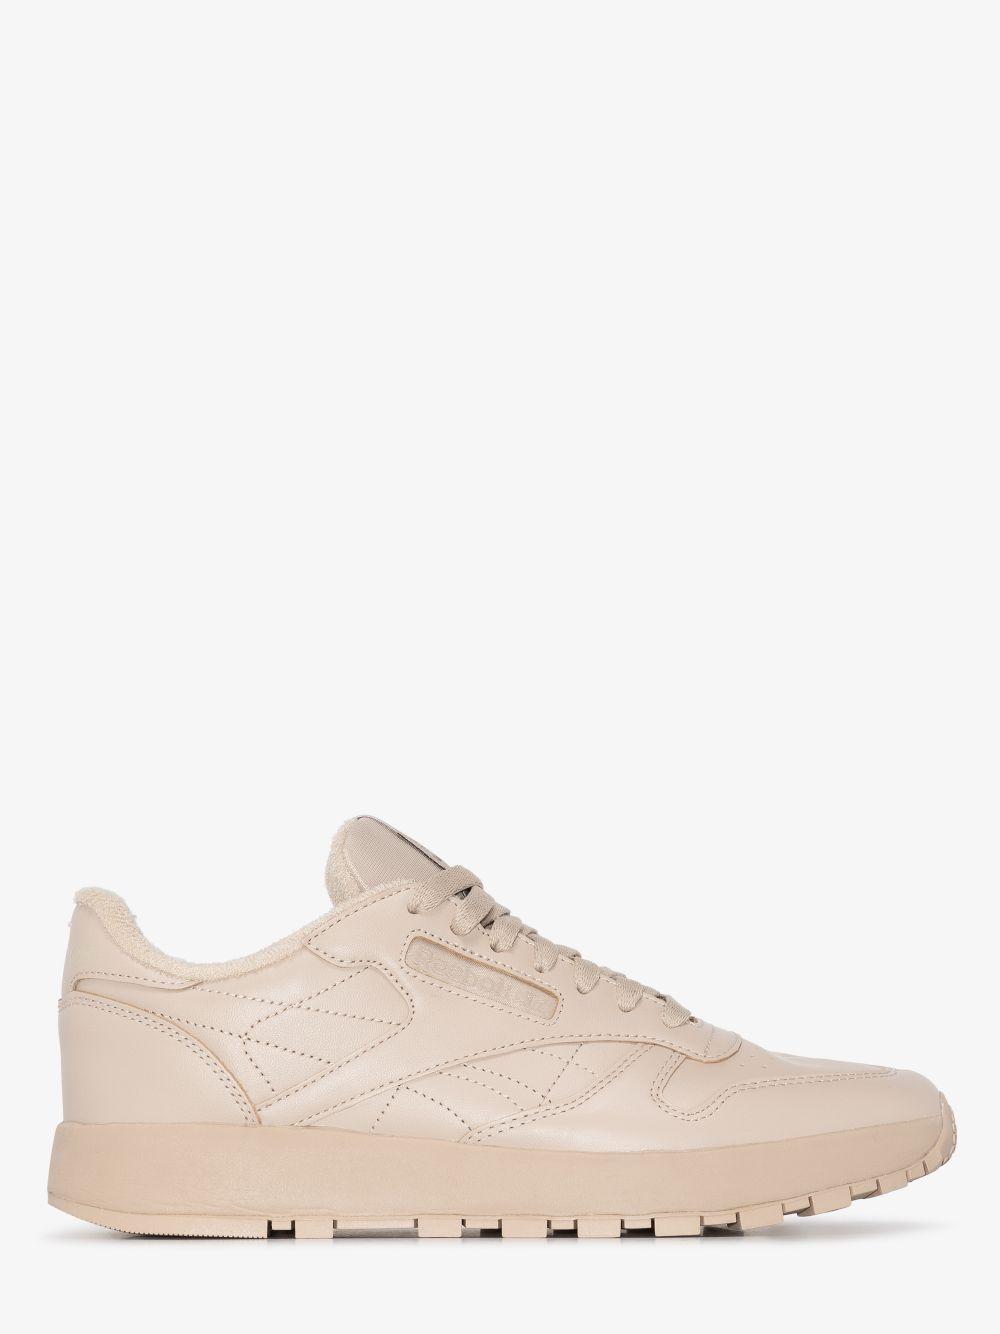 project 0 cl tabi uomo beige in pelle REEBOK X MAISON MARGIELA   Sneakers   GX5141MODBEI